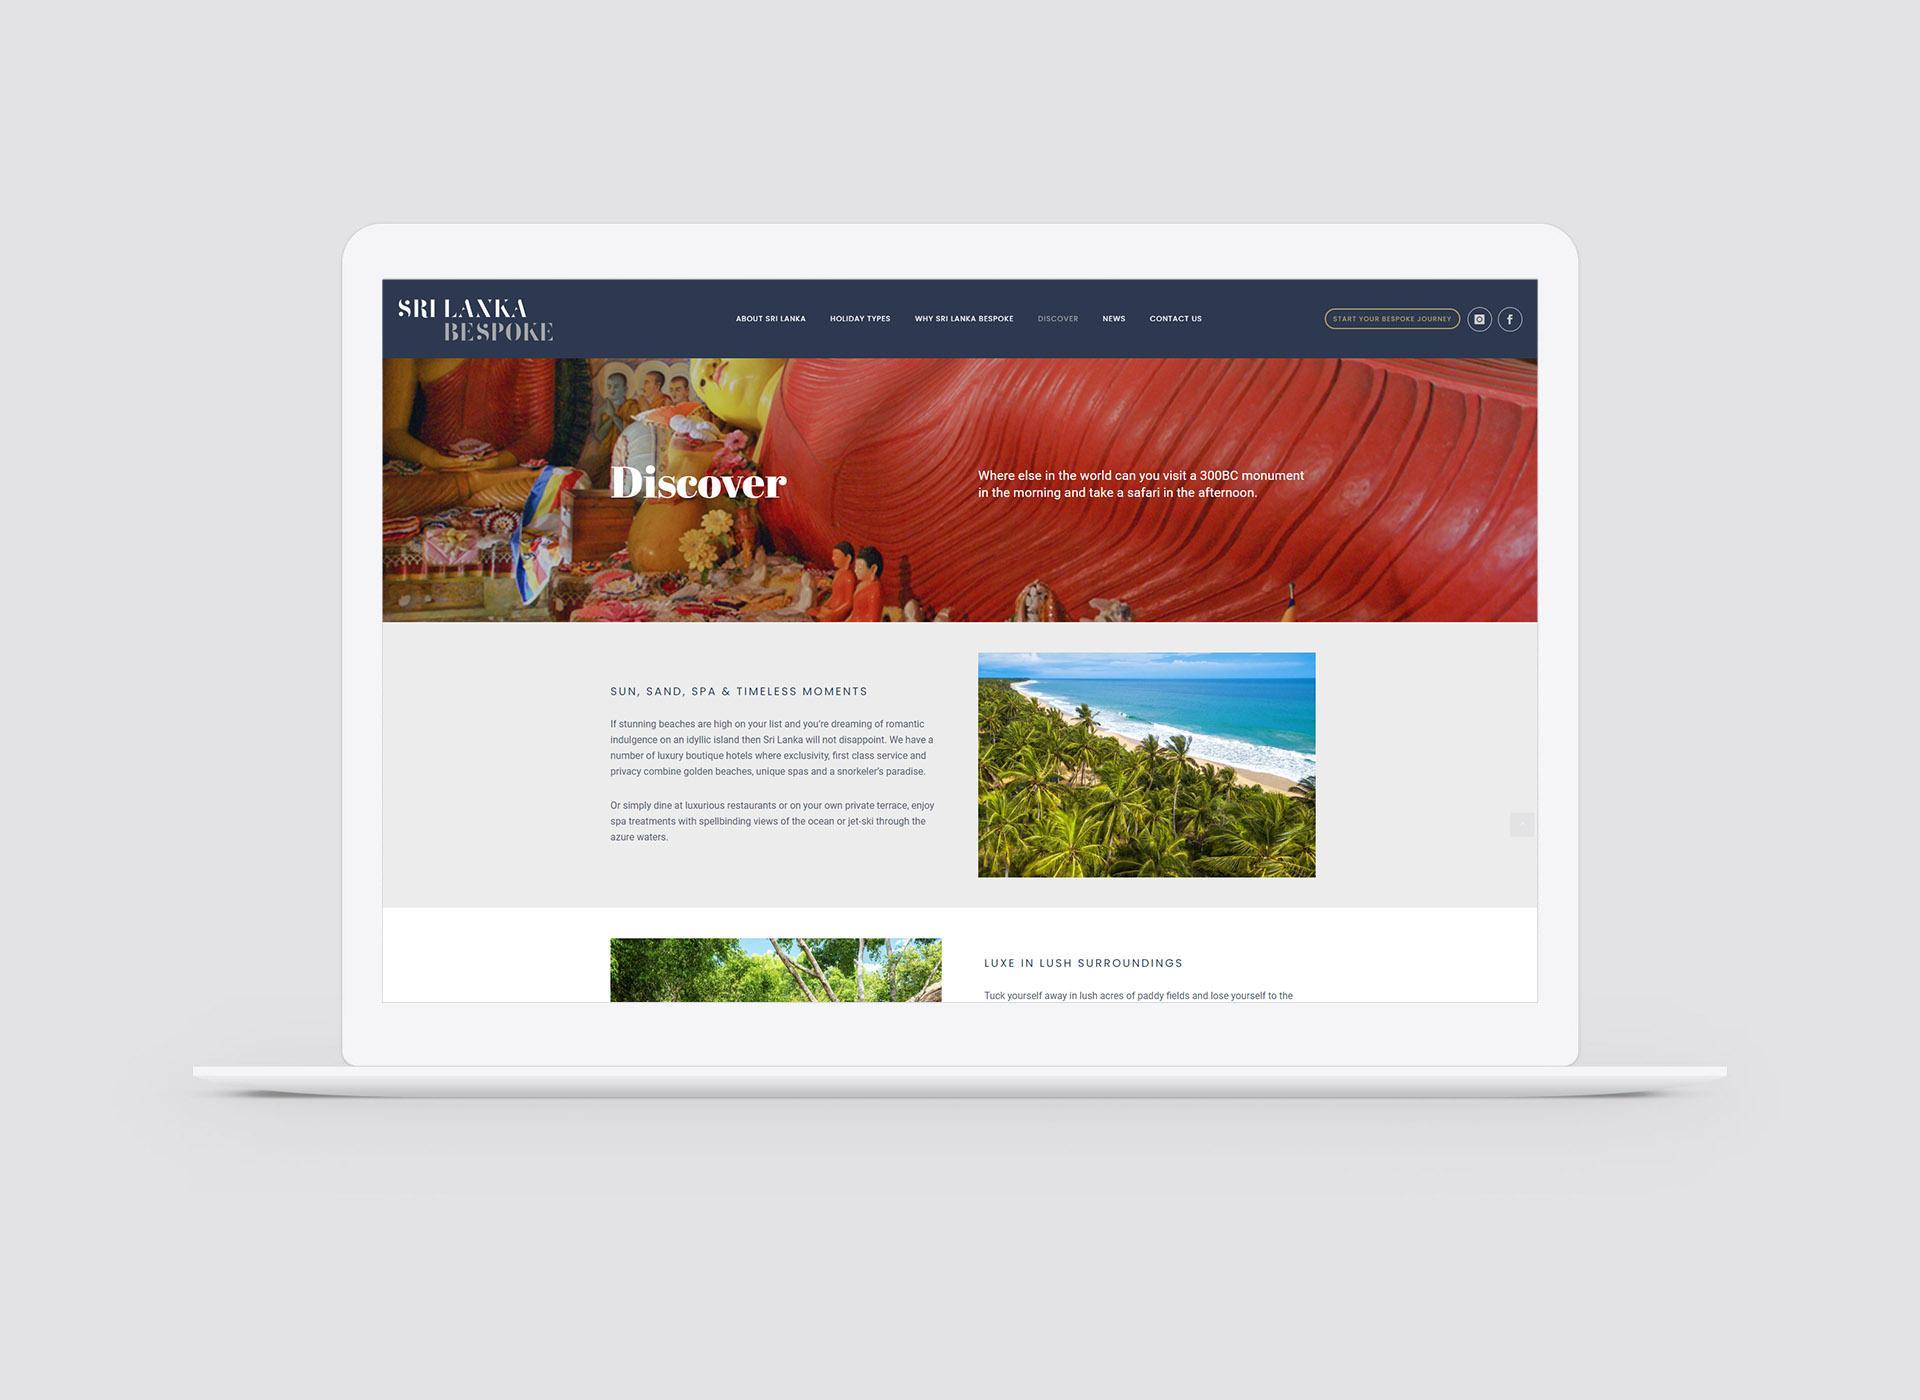 slb website design